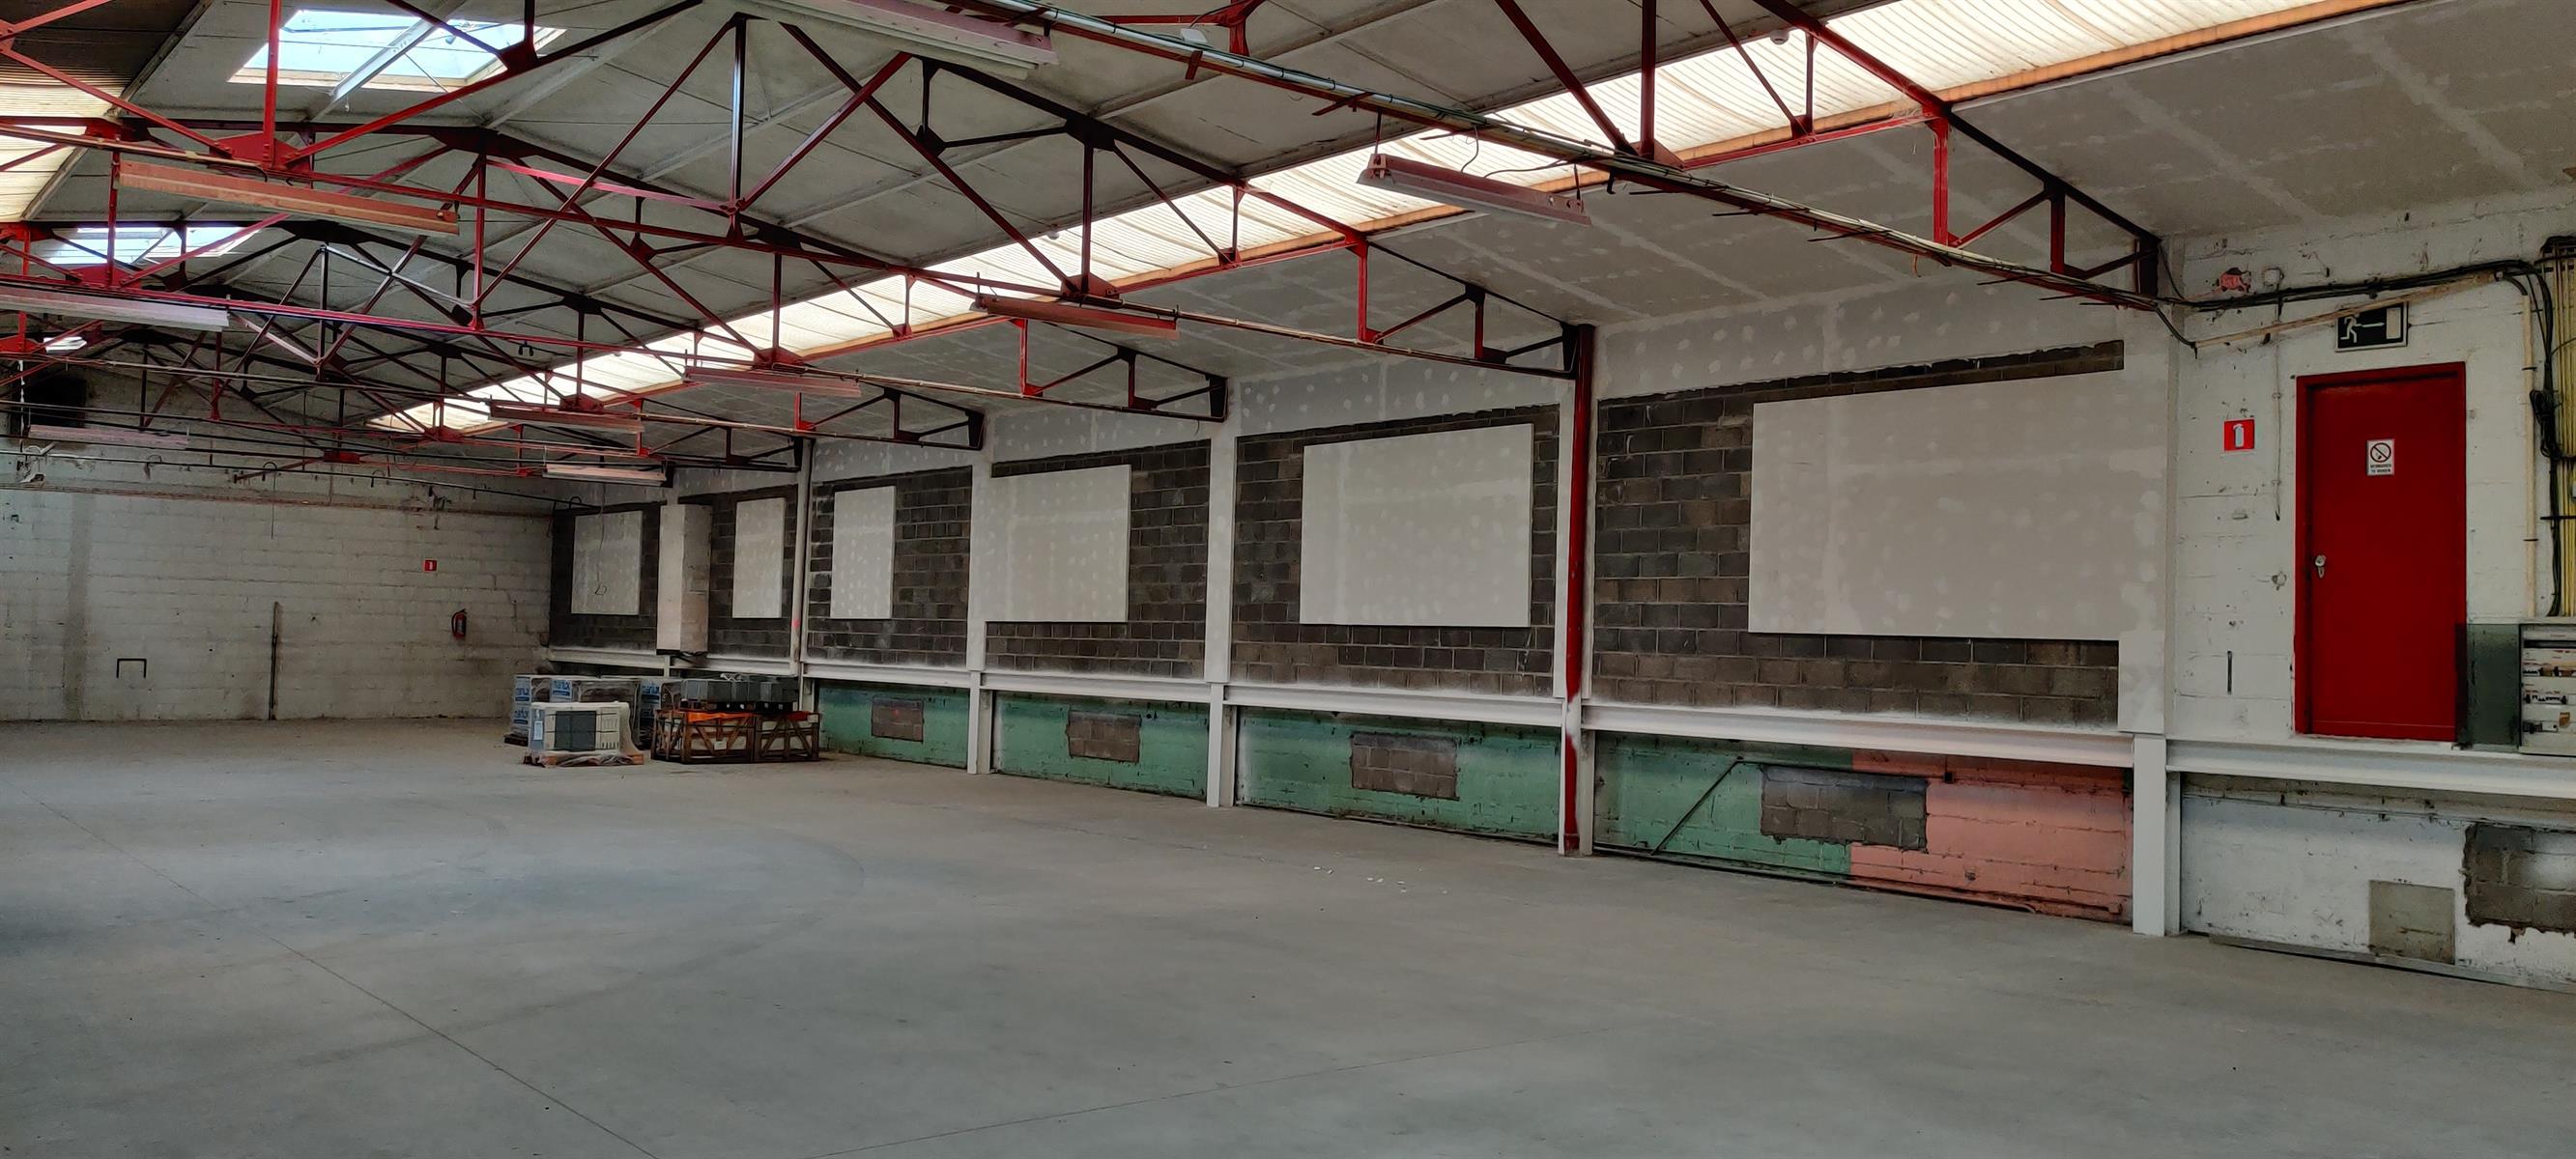 gebouw voor gemengd gebruik te huur I158 - Lumbeekstraat 38, 1700 Dilbeek Sint-Ulriks-Kapelle, België 14